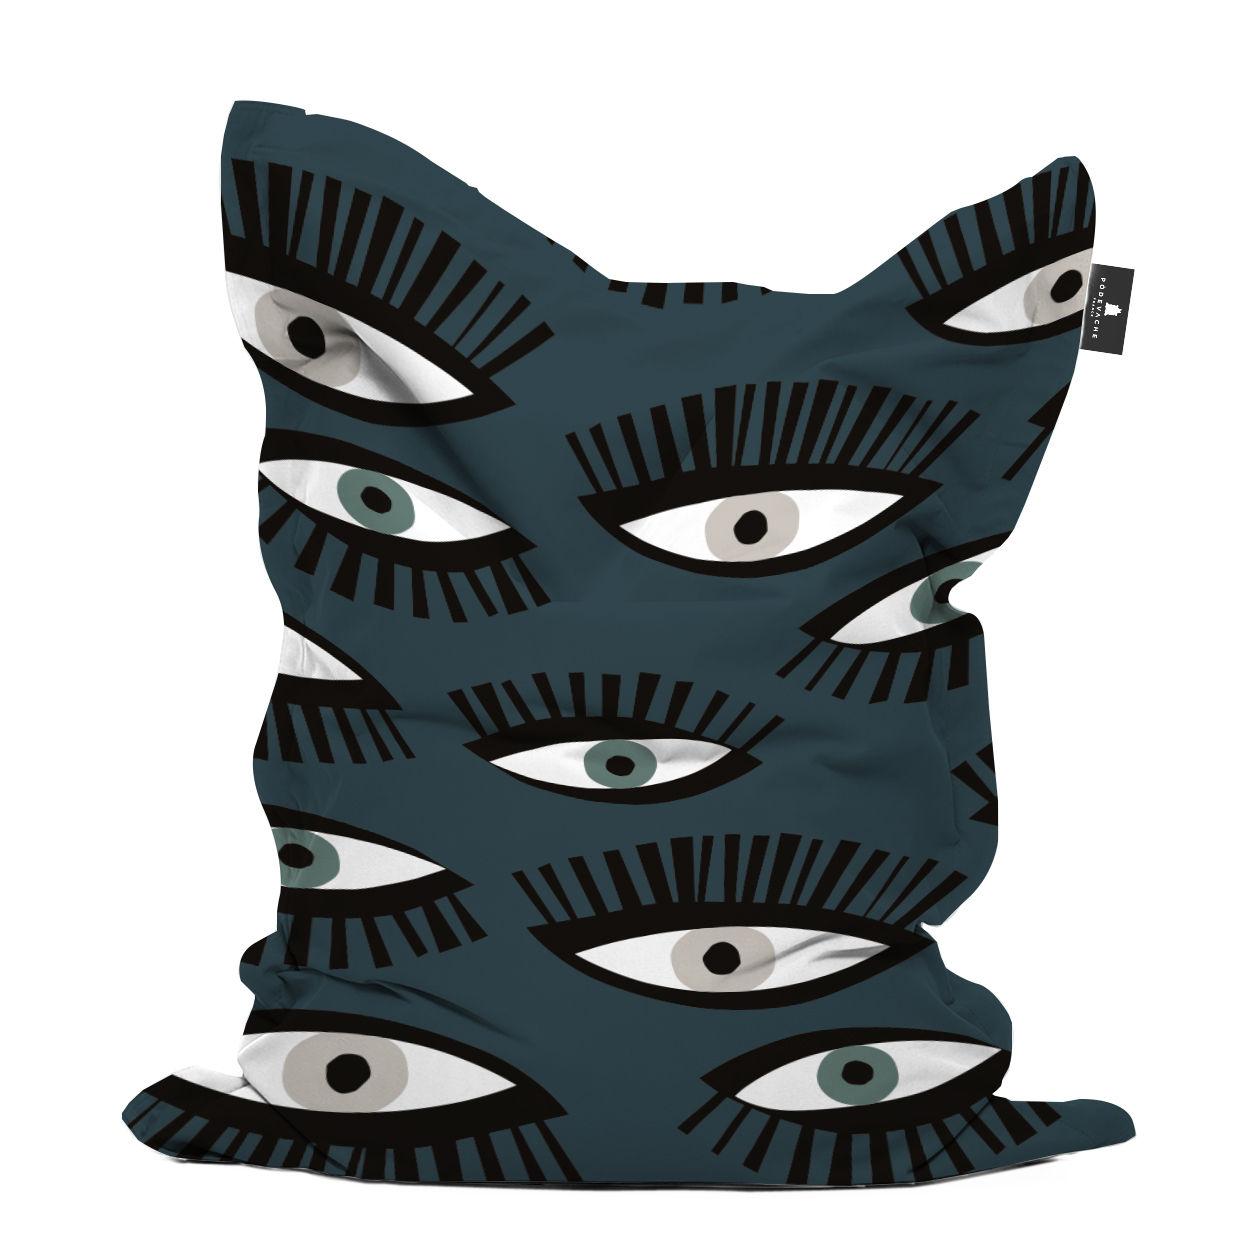 Möbel - Sitzkissen - Œil pour œil Sitzkissen / 140 x 180 cm - PÔDEVACHE - Augen / blau & schwarz -  Micro-billes EPS, Polyesterfaser